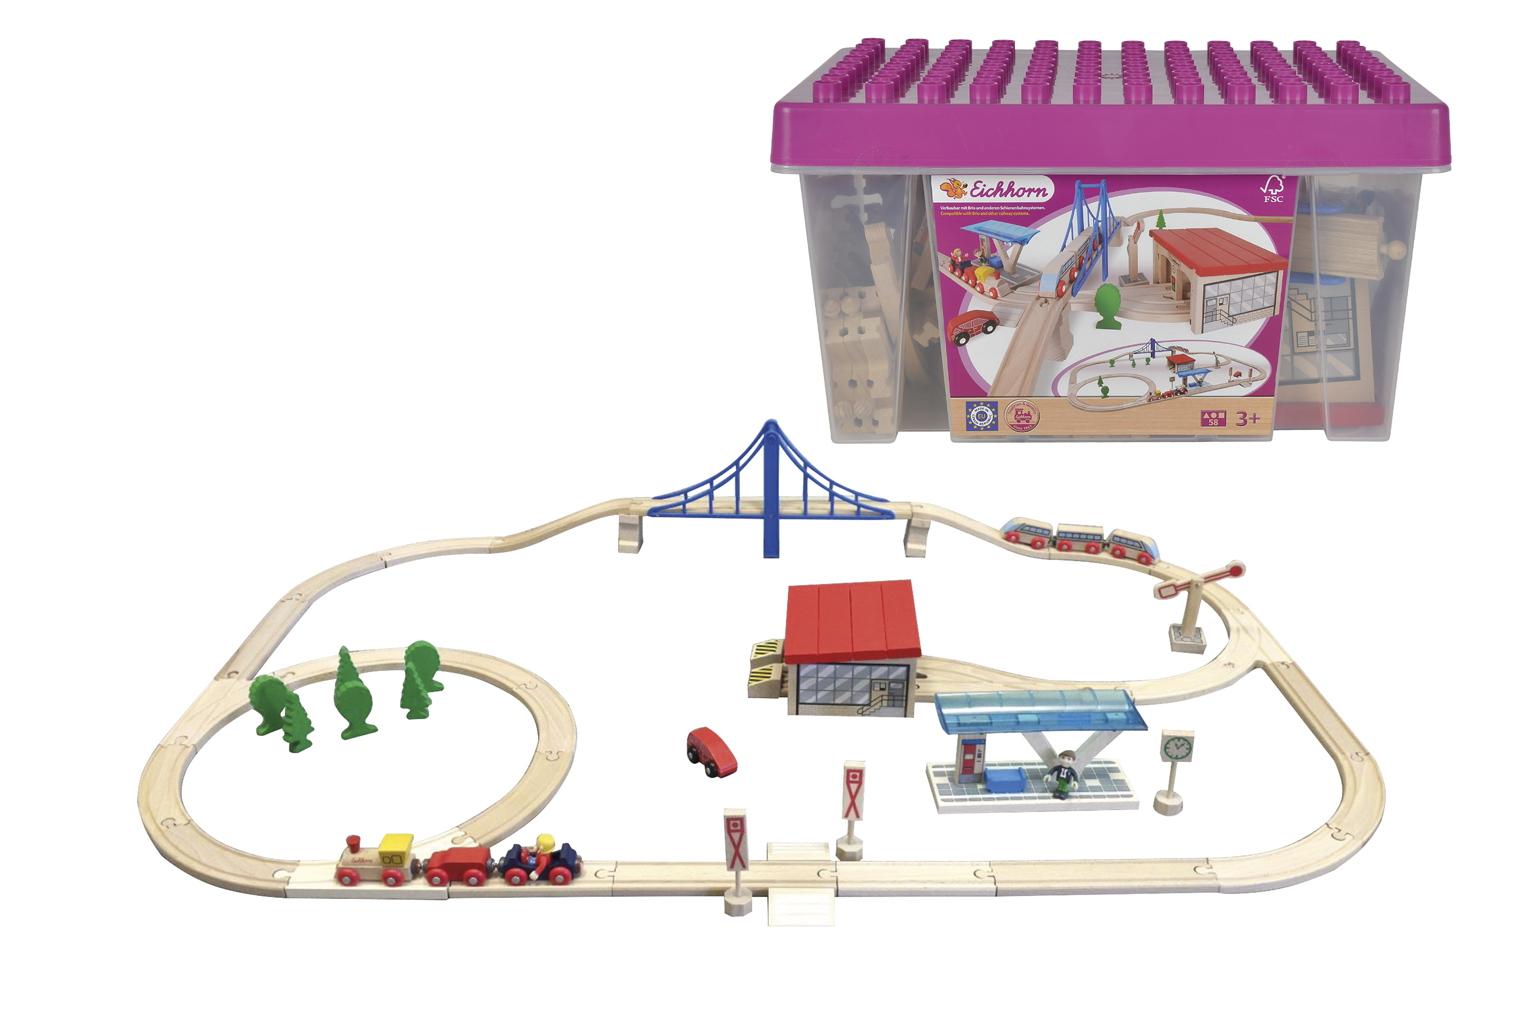 Набор деревянной железной дороги с мостом, депо и аксессуарами, 58 деталей в пластиковом ящикеДетская железная дорога<br>Набор деревянной железной дороги с мостом, депо и аксессуарами, 58 деталей в пластиковом ящике<br>